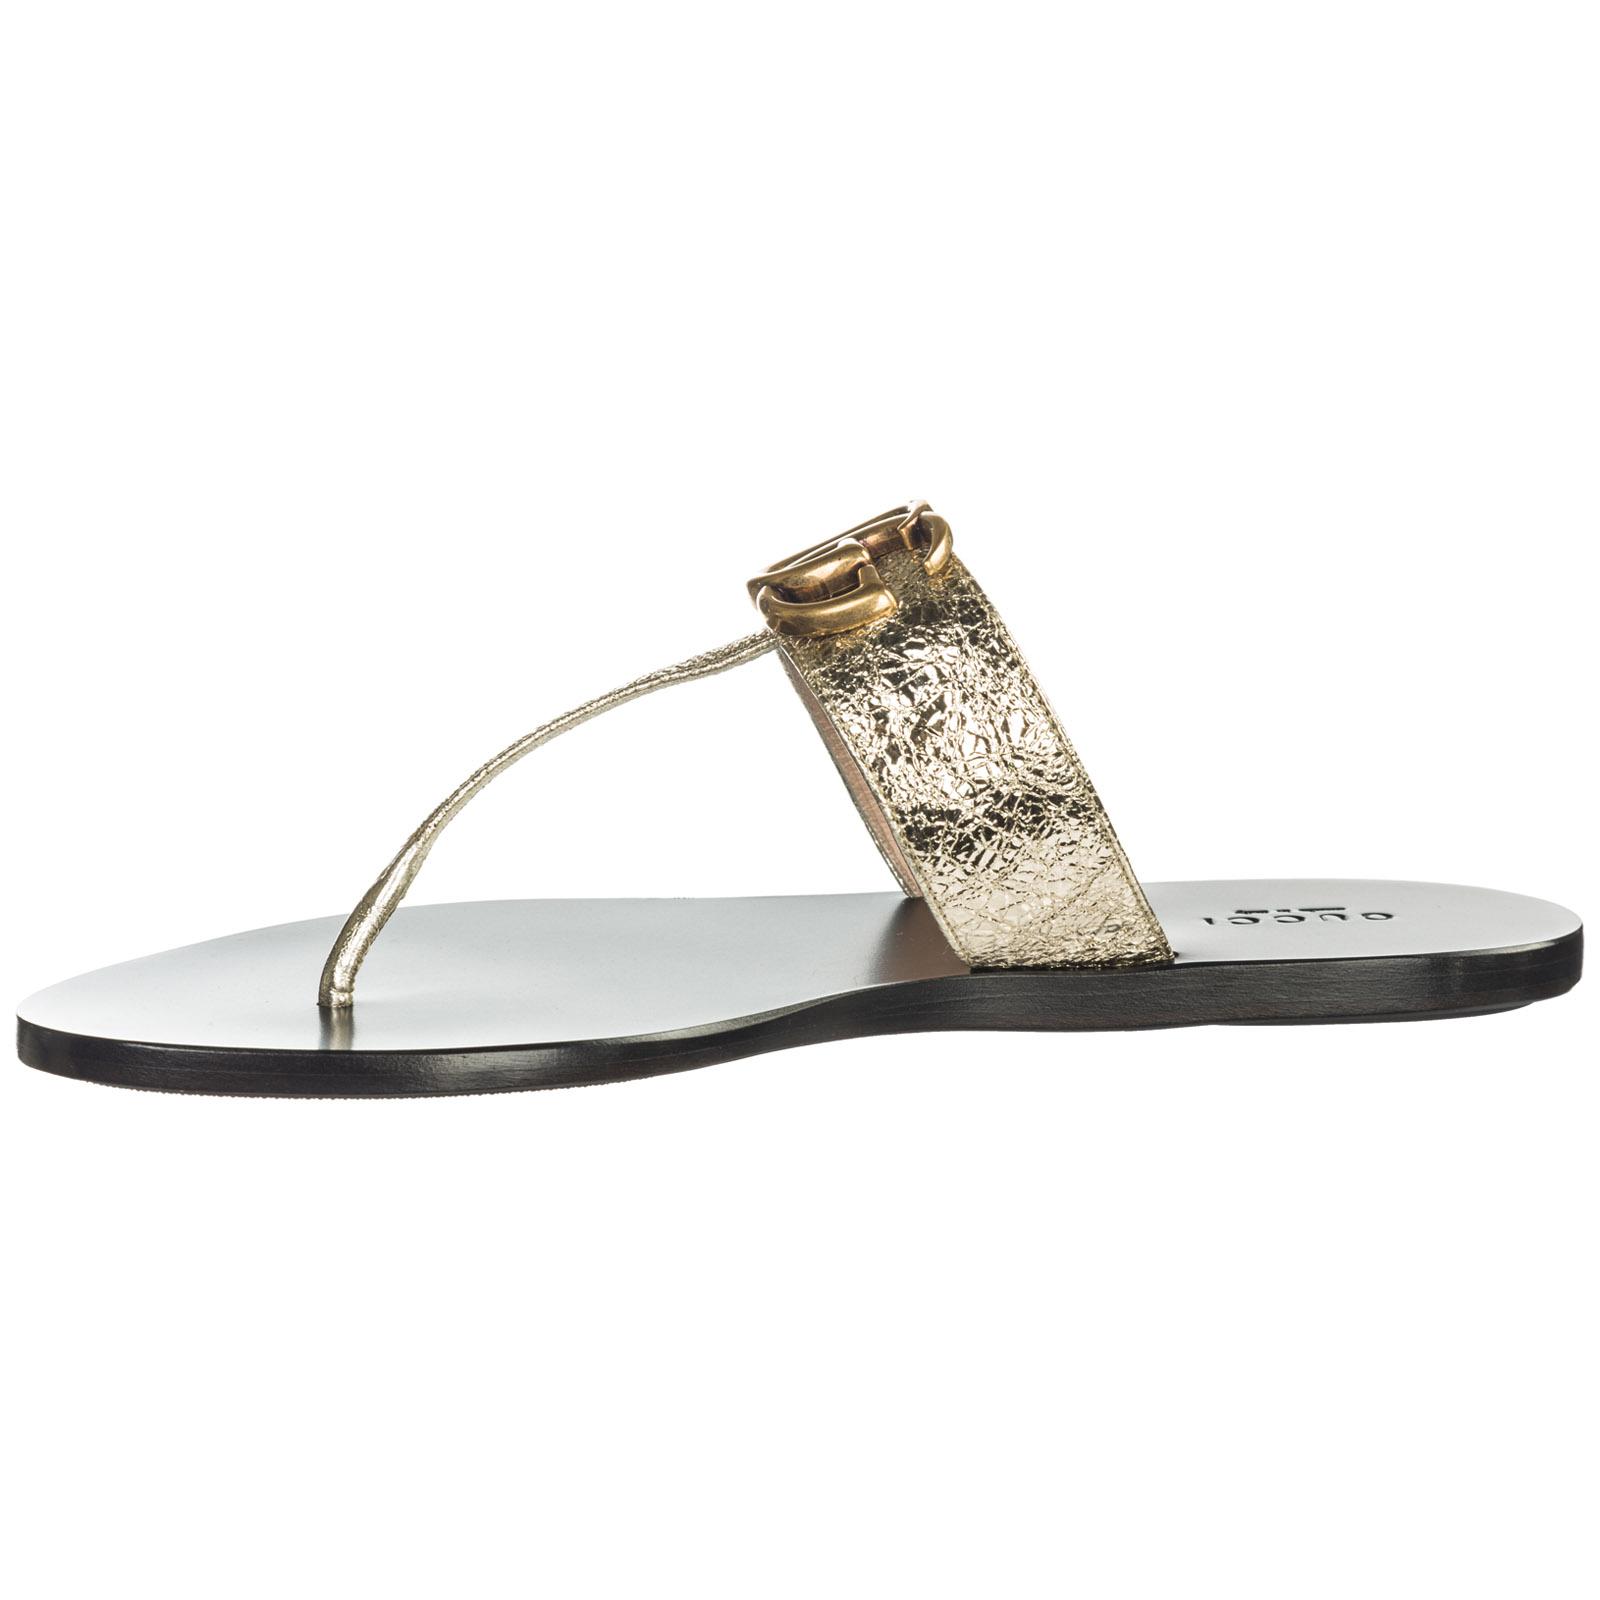 4b8ef803d ... Mujer zapatillas sandalias chanclas en piel doppia g ...